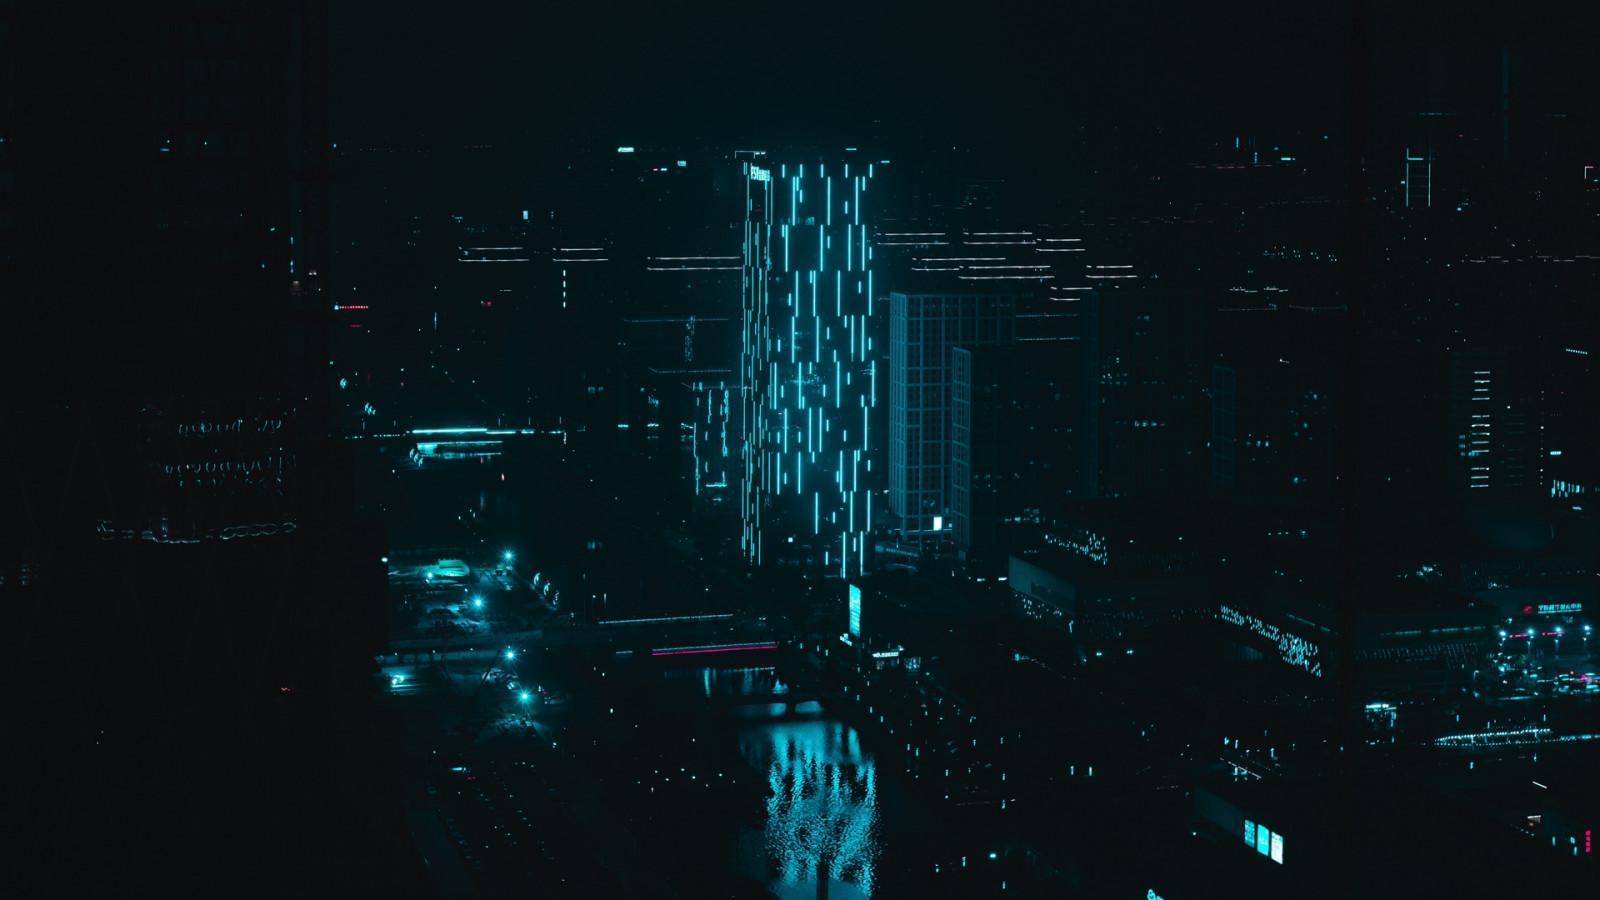 Masaüstü şehir Manzarası Mimari Bina Gece 1920x1080